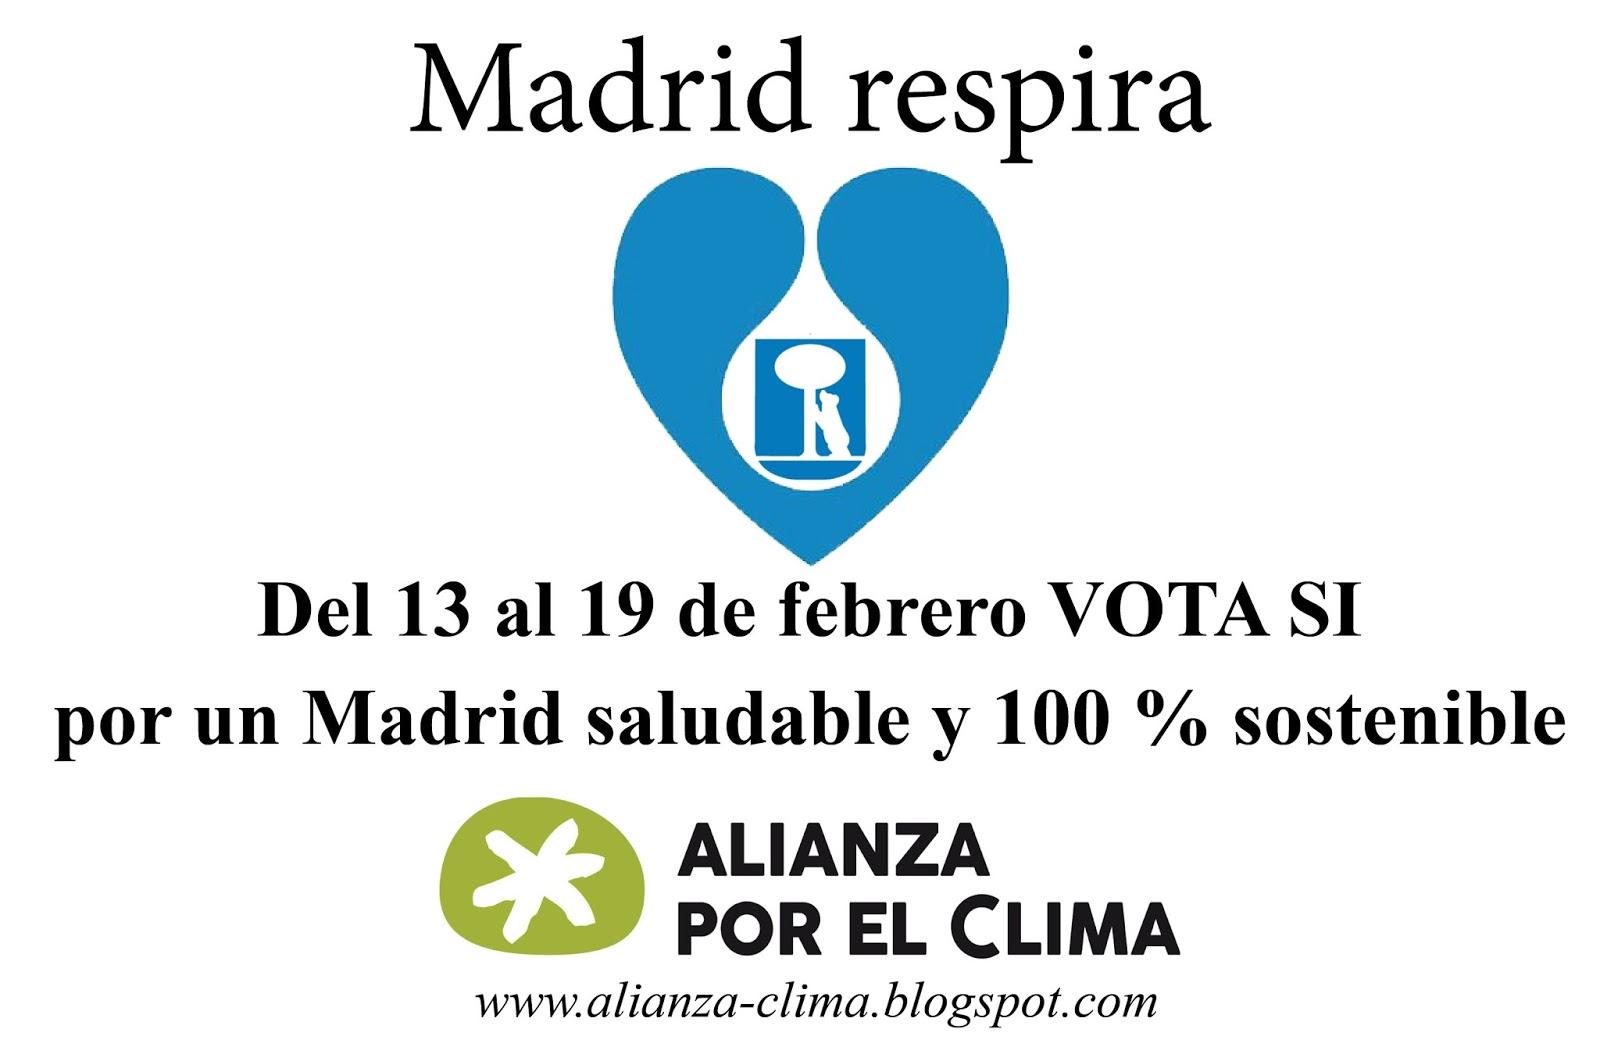 Ir a Alianza por el Clima pide a la ciudadanía que voten por un Madrid 100% sostenible